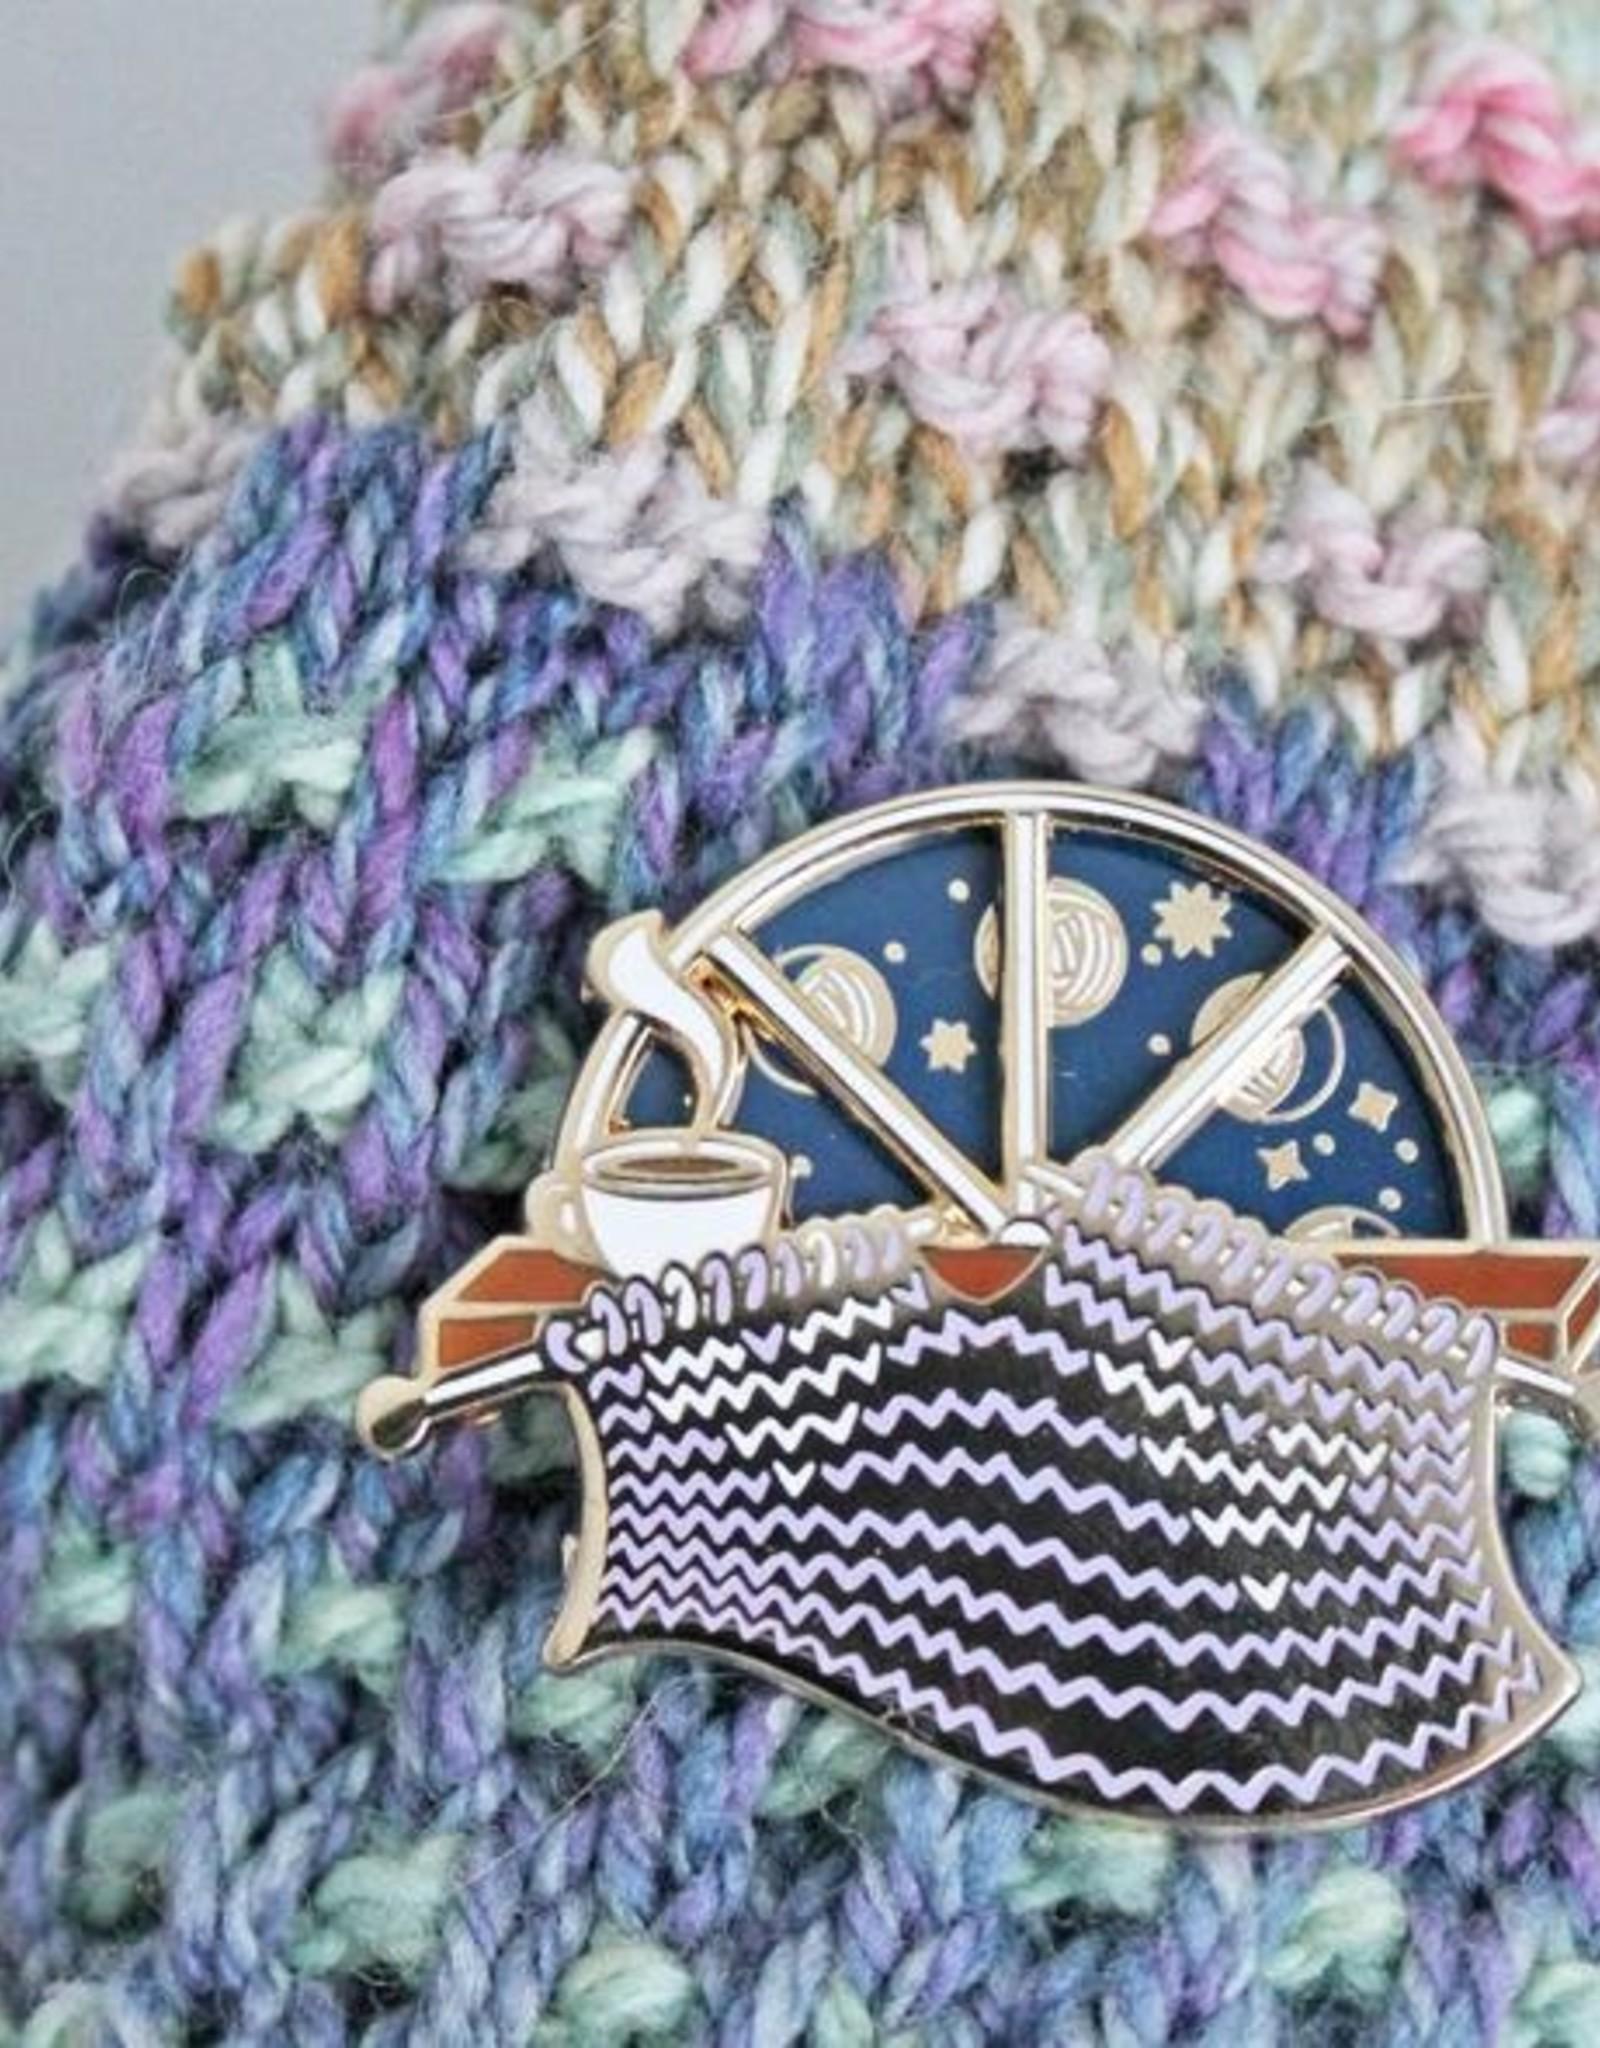 Twill&Print Knitting Moon Phase Pin